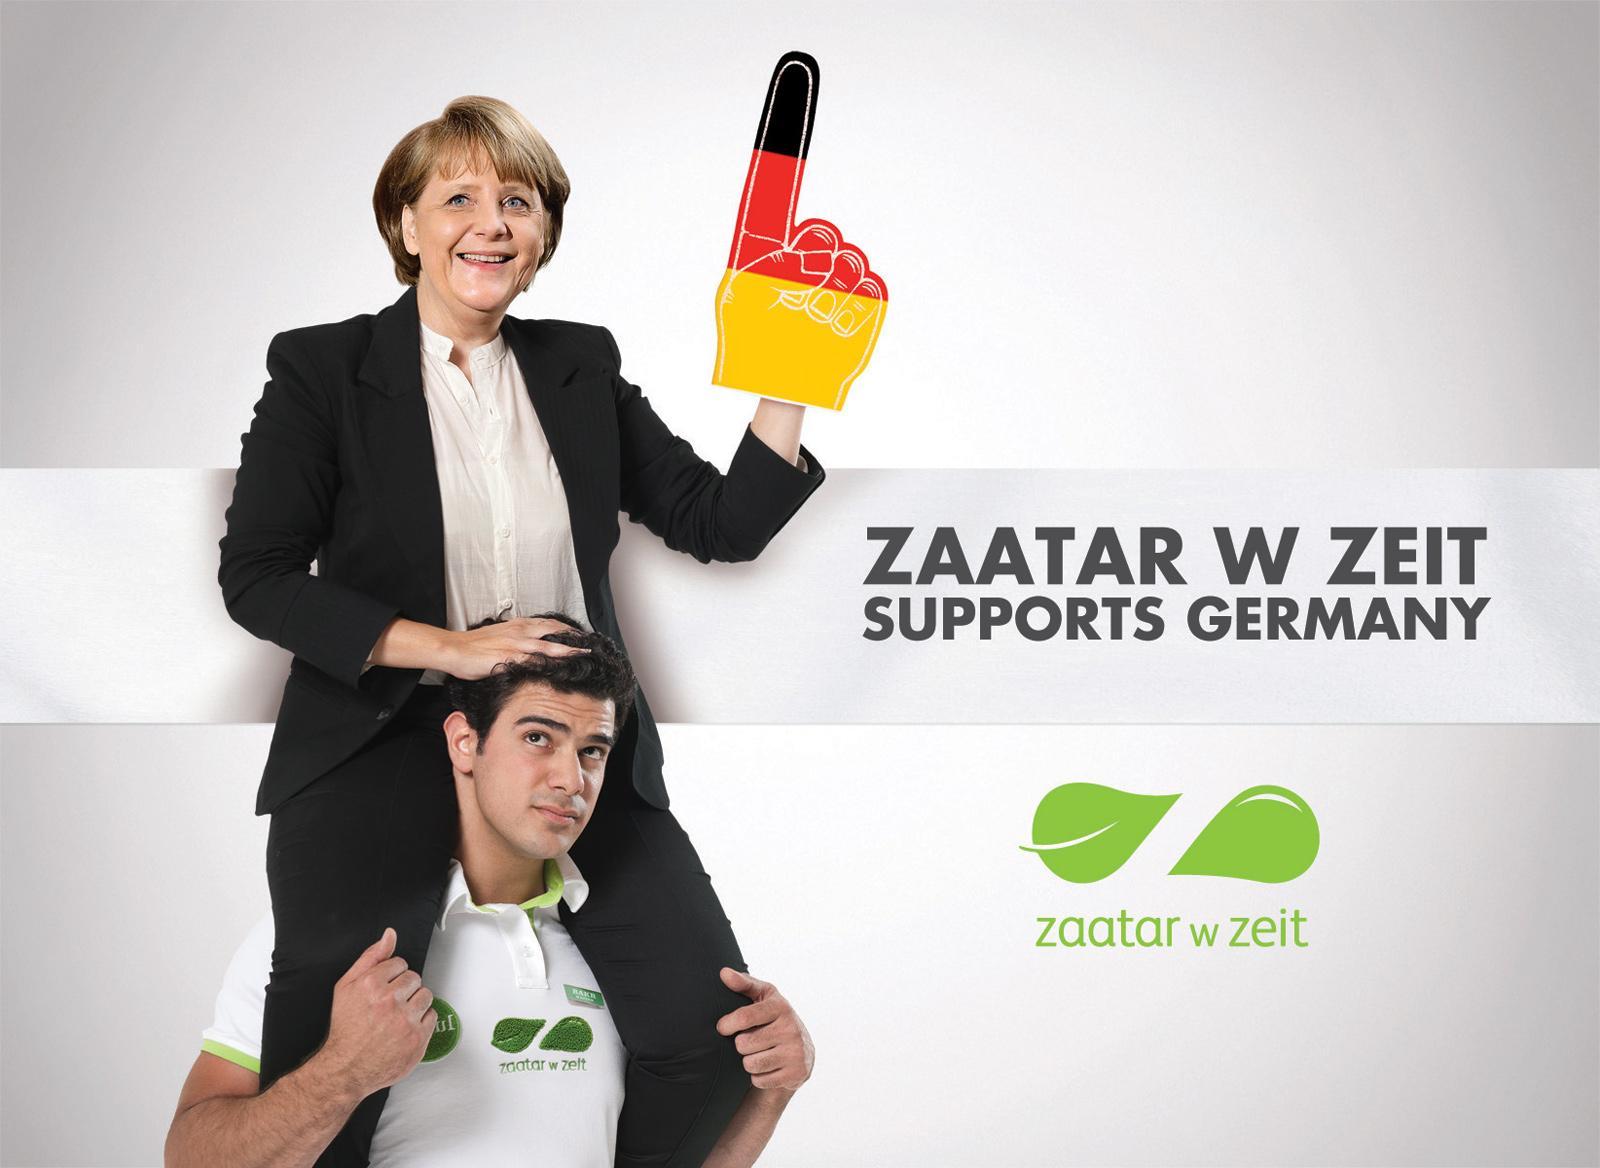 Zaatar W Zeit Print Ad -  Football Euro Cup 2012, Merkel